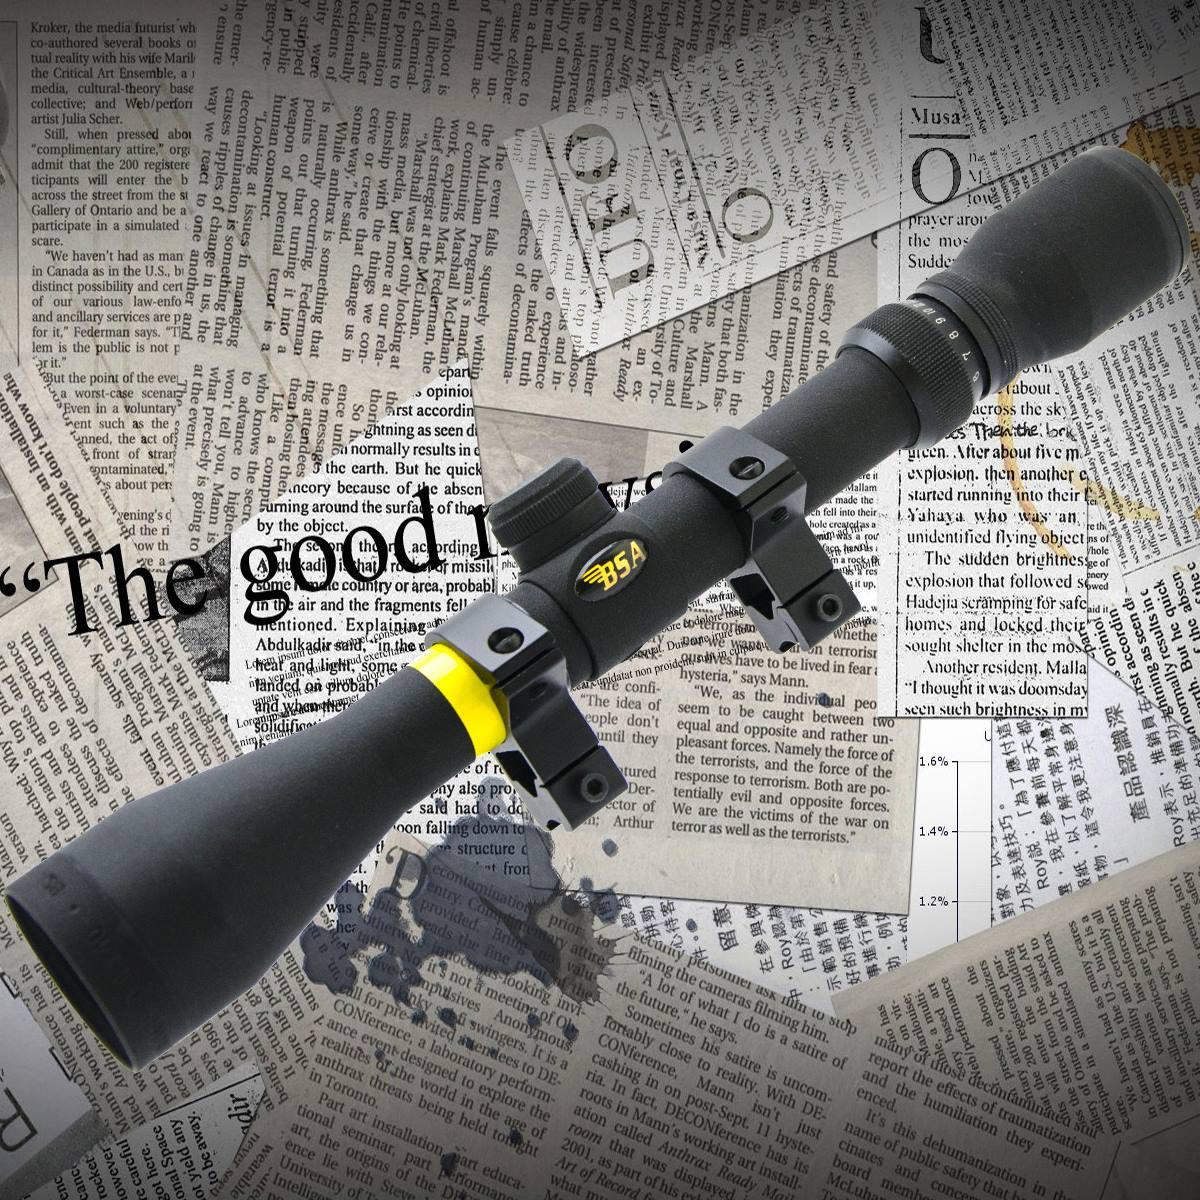 Прицел BSA Sweet 3-12*40 MilDot крепление ласточкин хвост, ручной ввод поправок, защитные колпачки